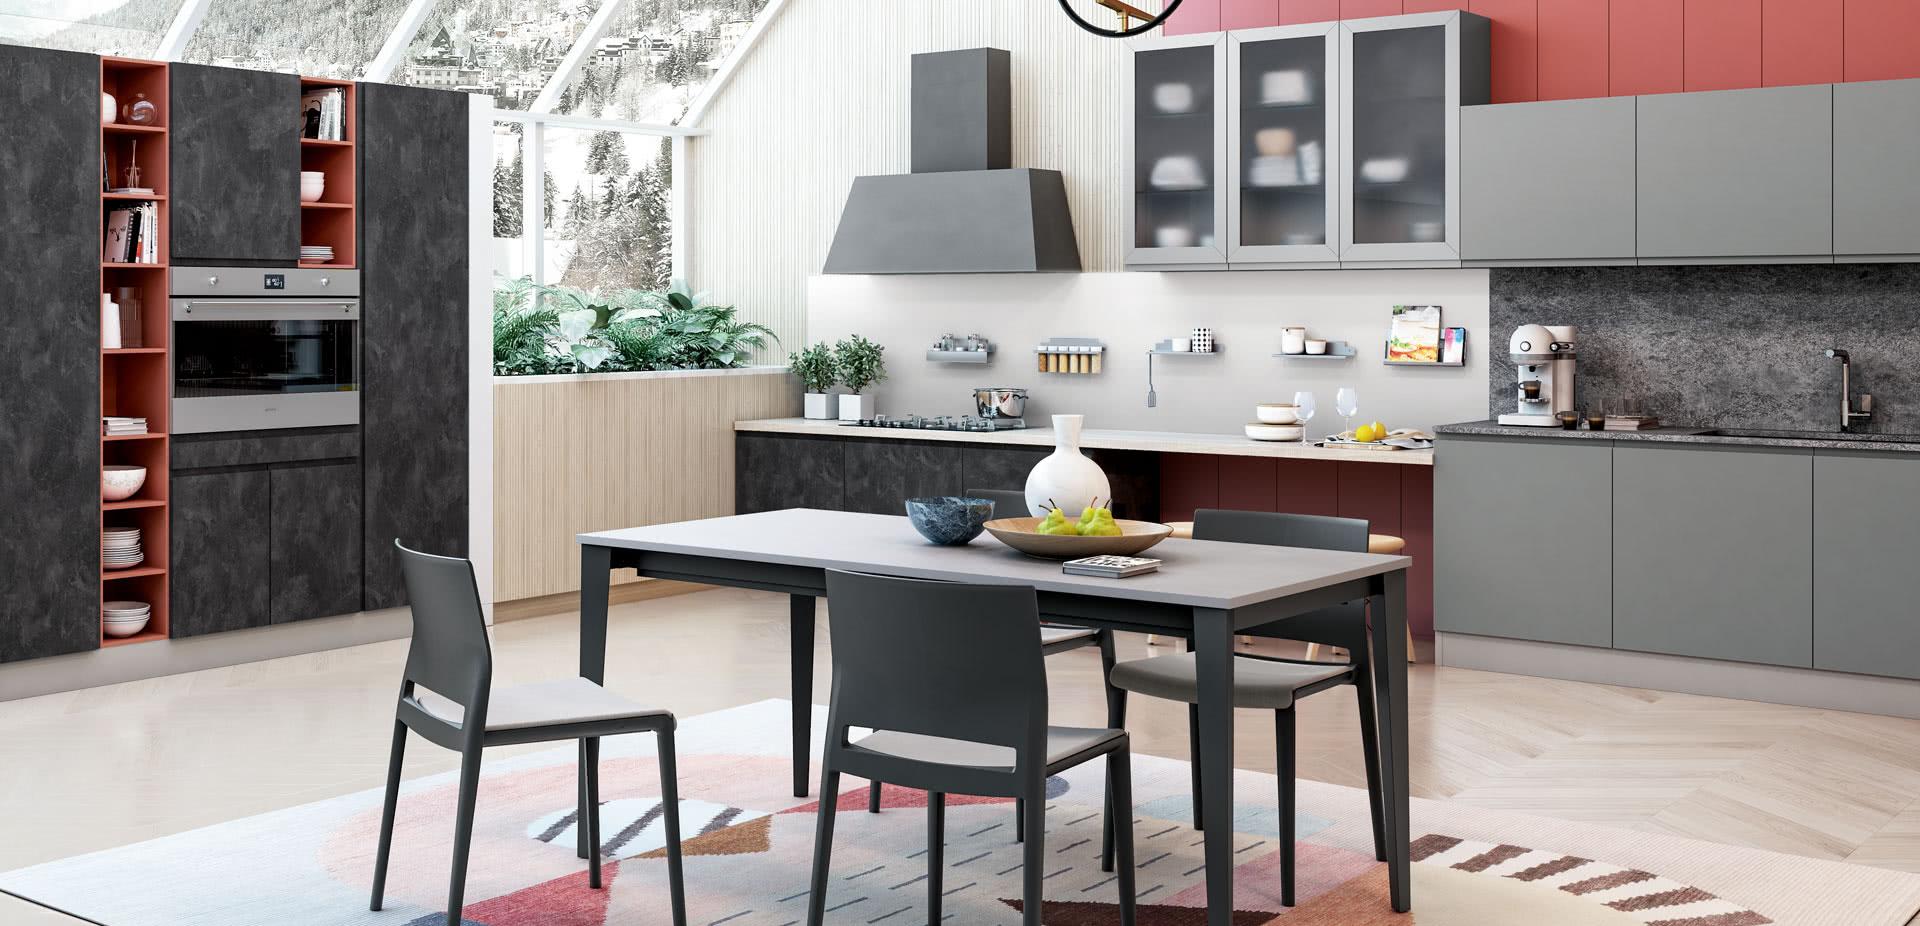 Cucine moderne milano, la proposta variegata firmata Creo ...